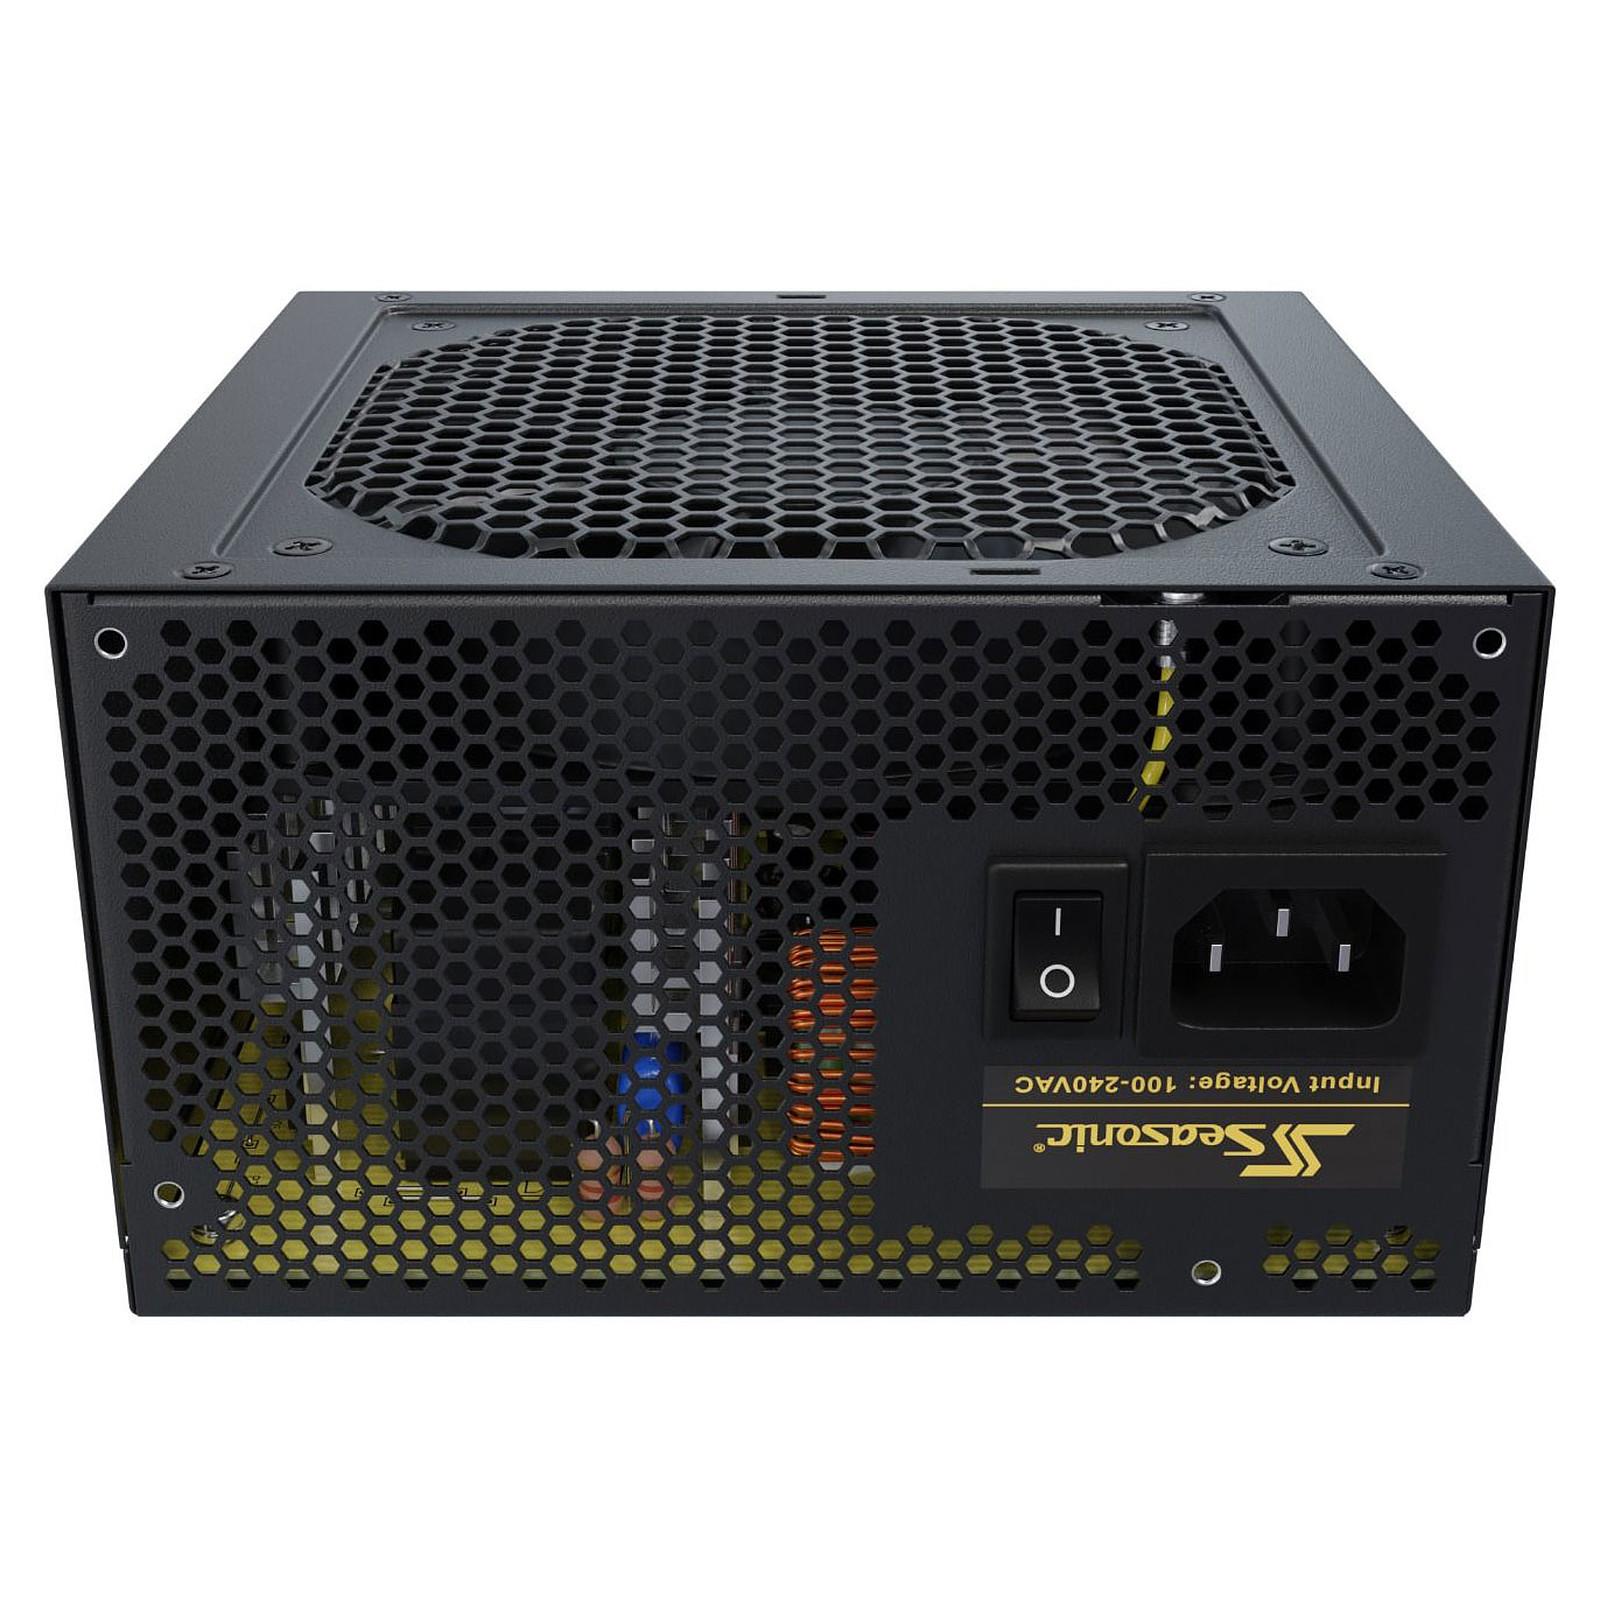 Alimentation PC 500W Seasonic Core GC-500 80 Plus Gold, informatique ile de la Réunion 974, Futur Réunion Informatique